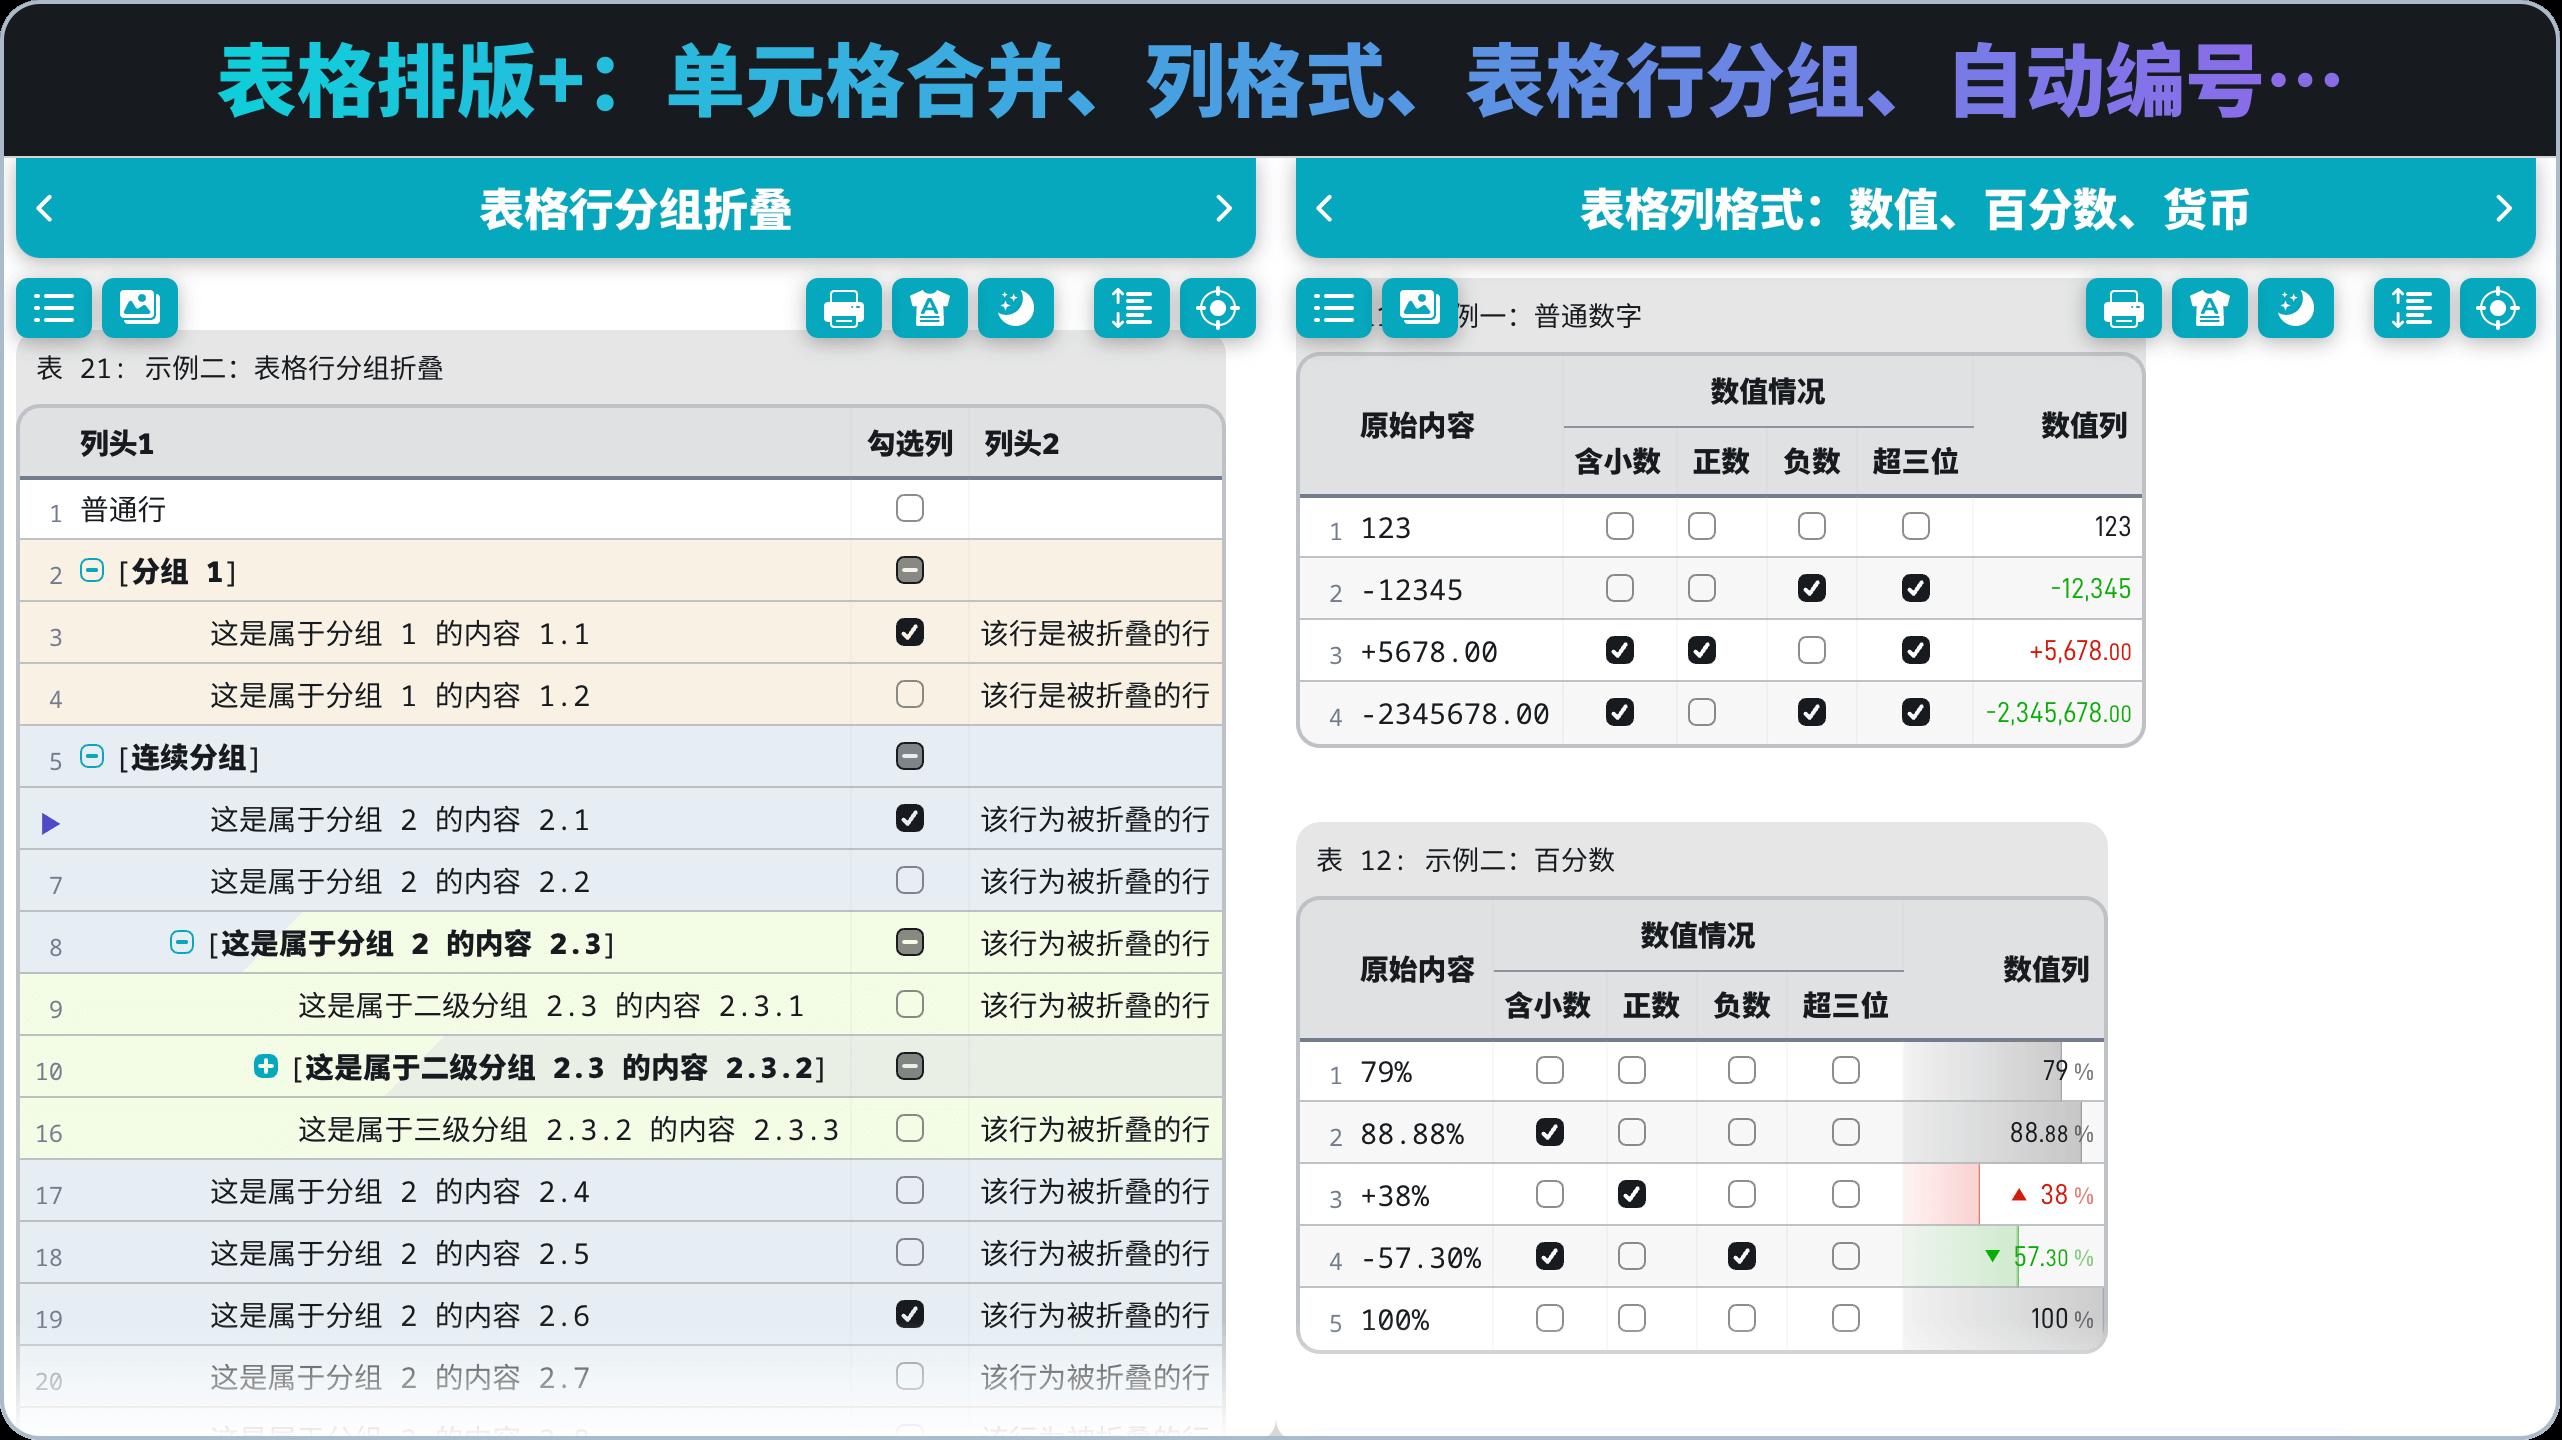 表格排版+:单元格合并、列格式、表格行分组、自动编号、…